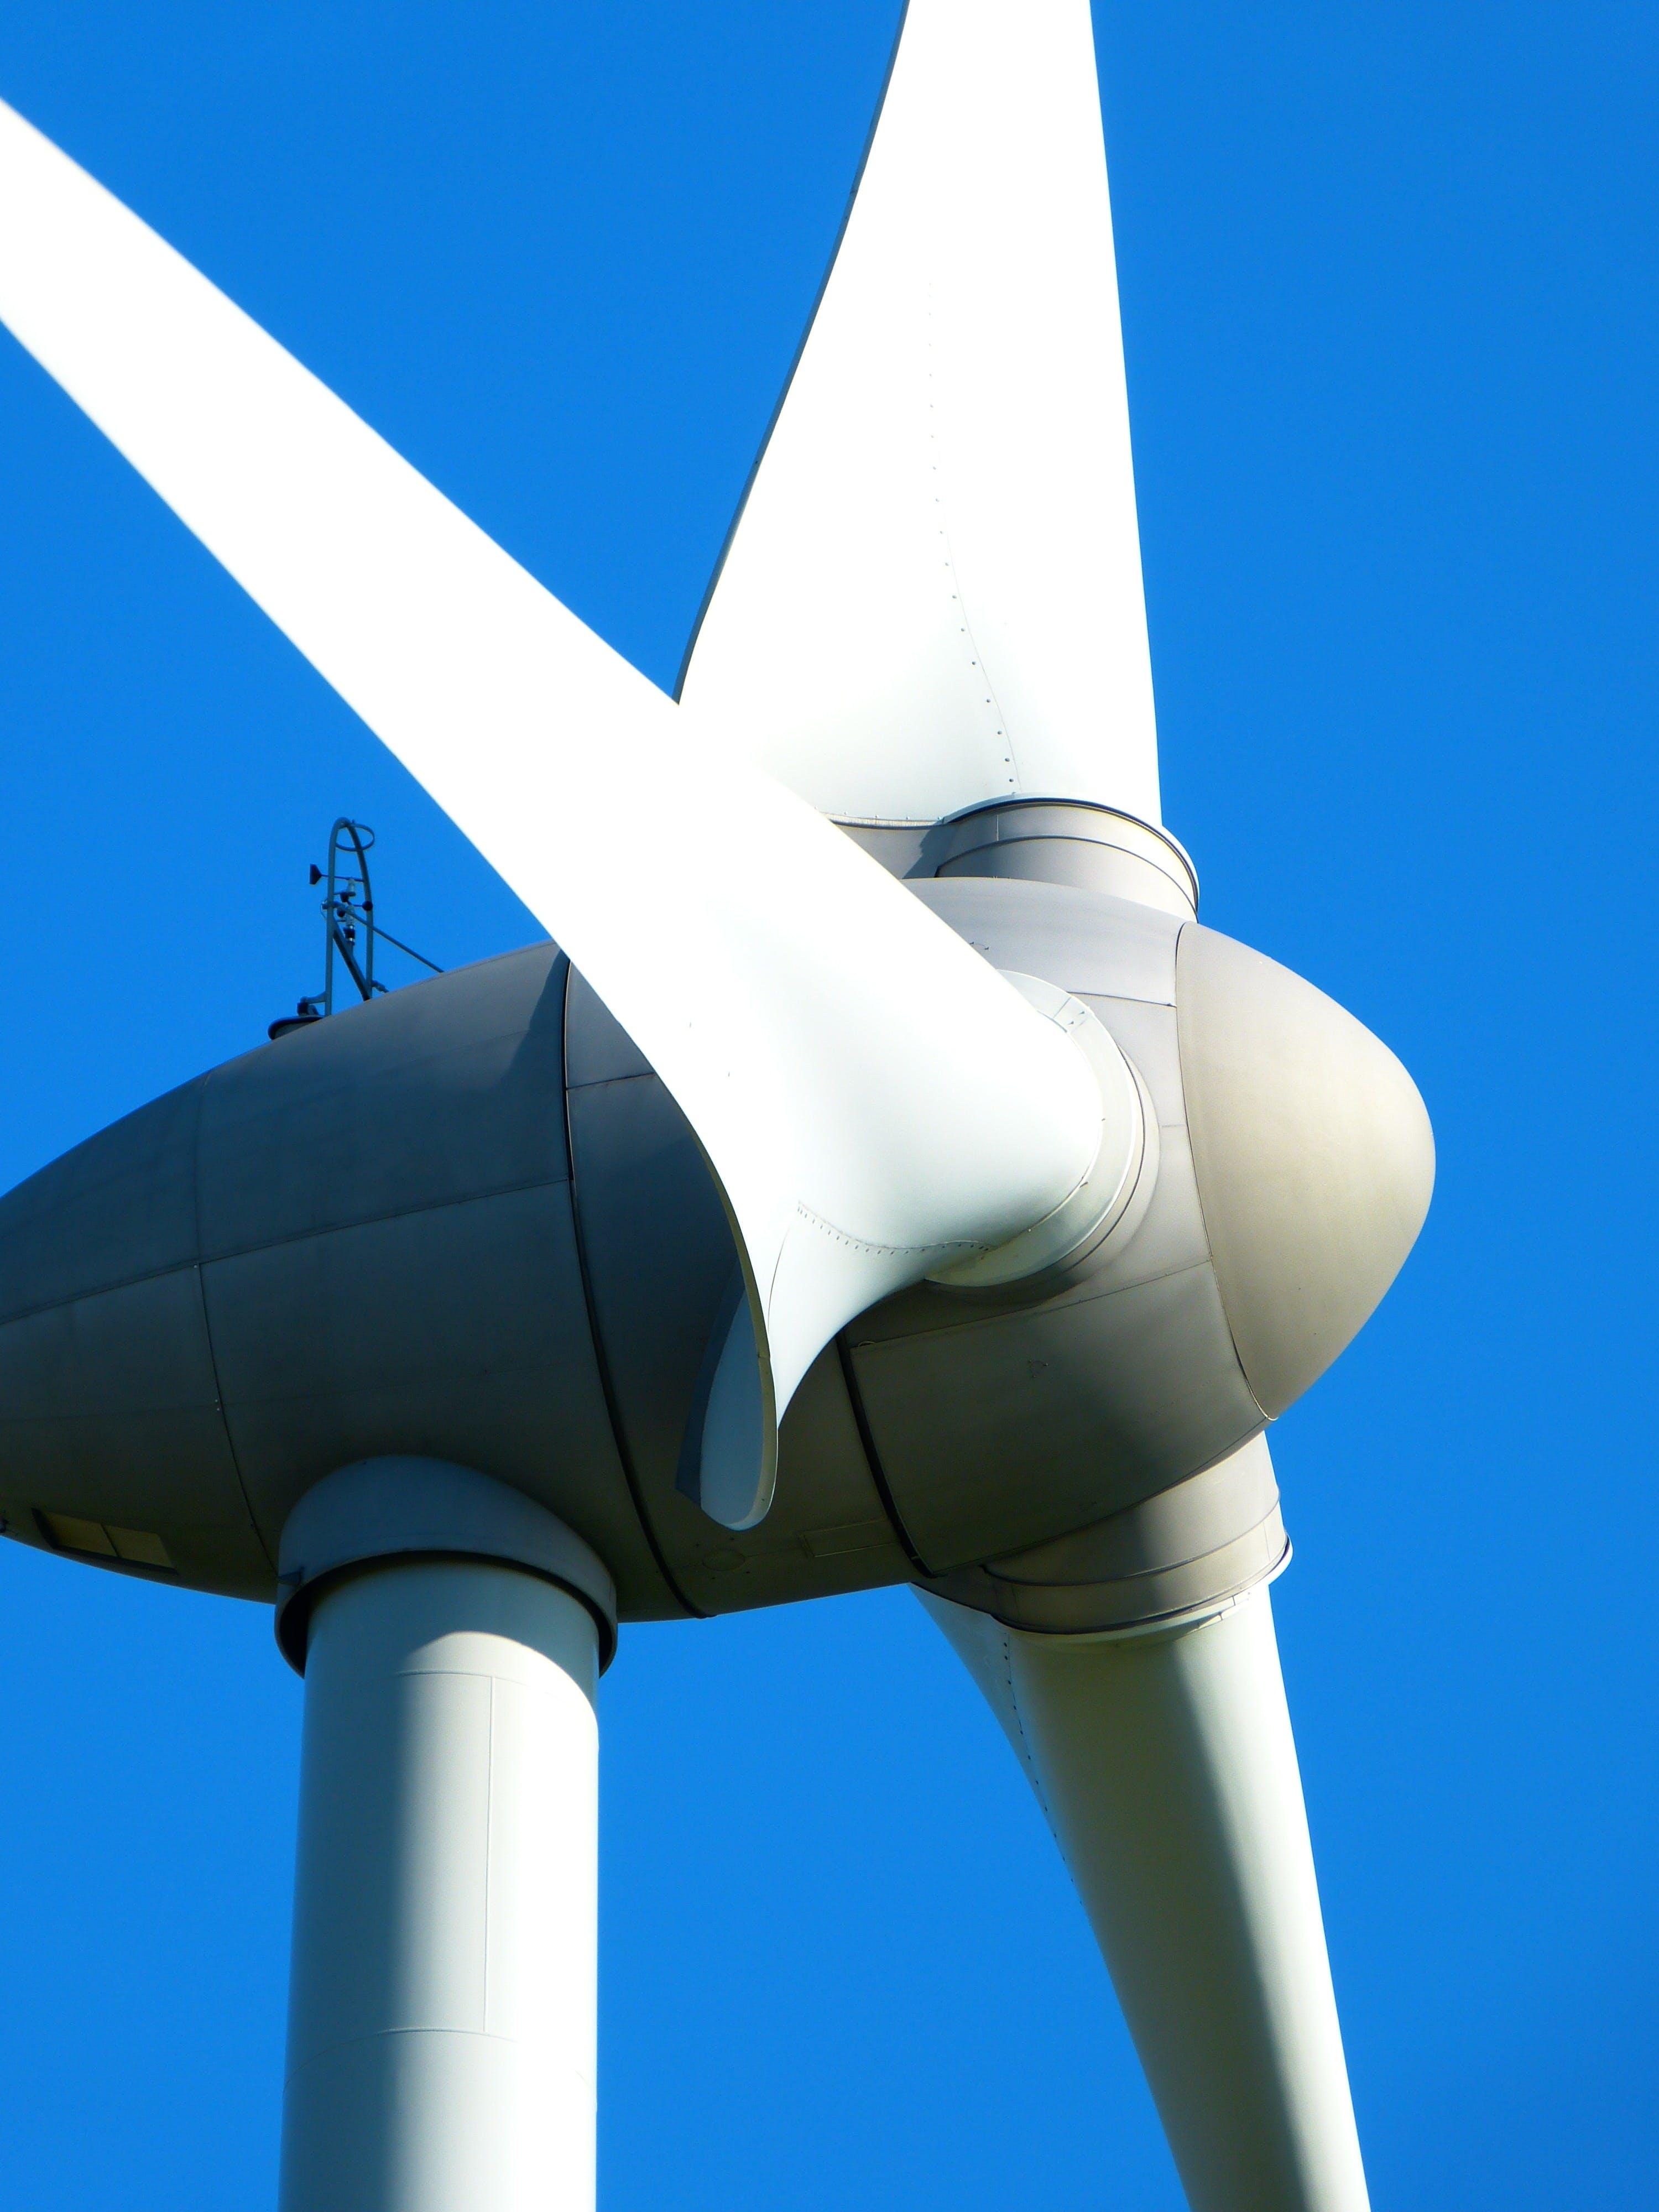 White 3 Bladed Wind Fan